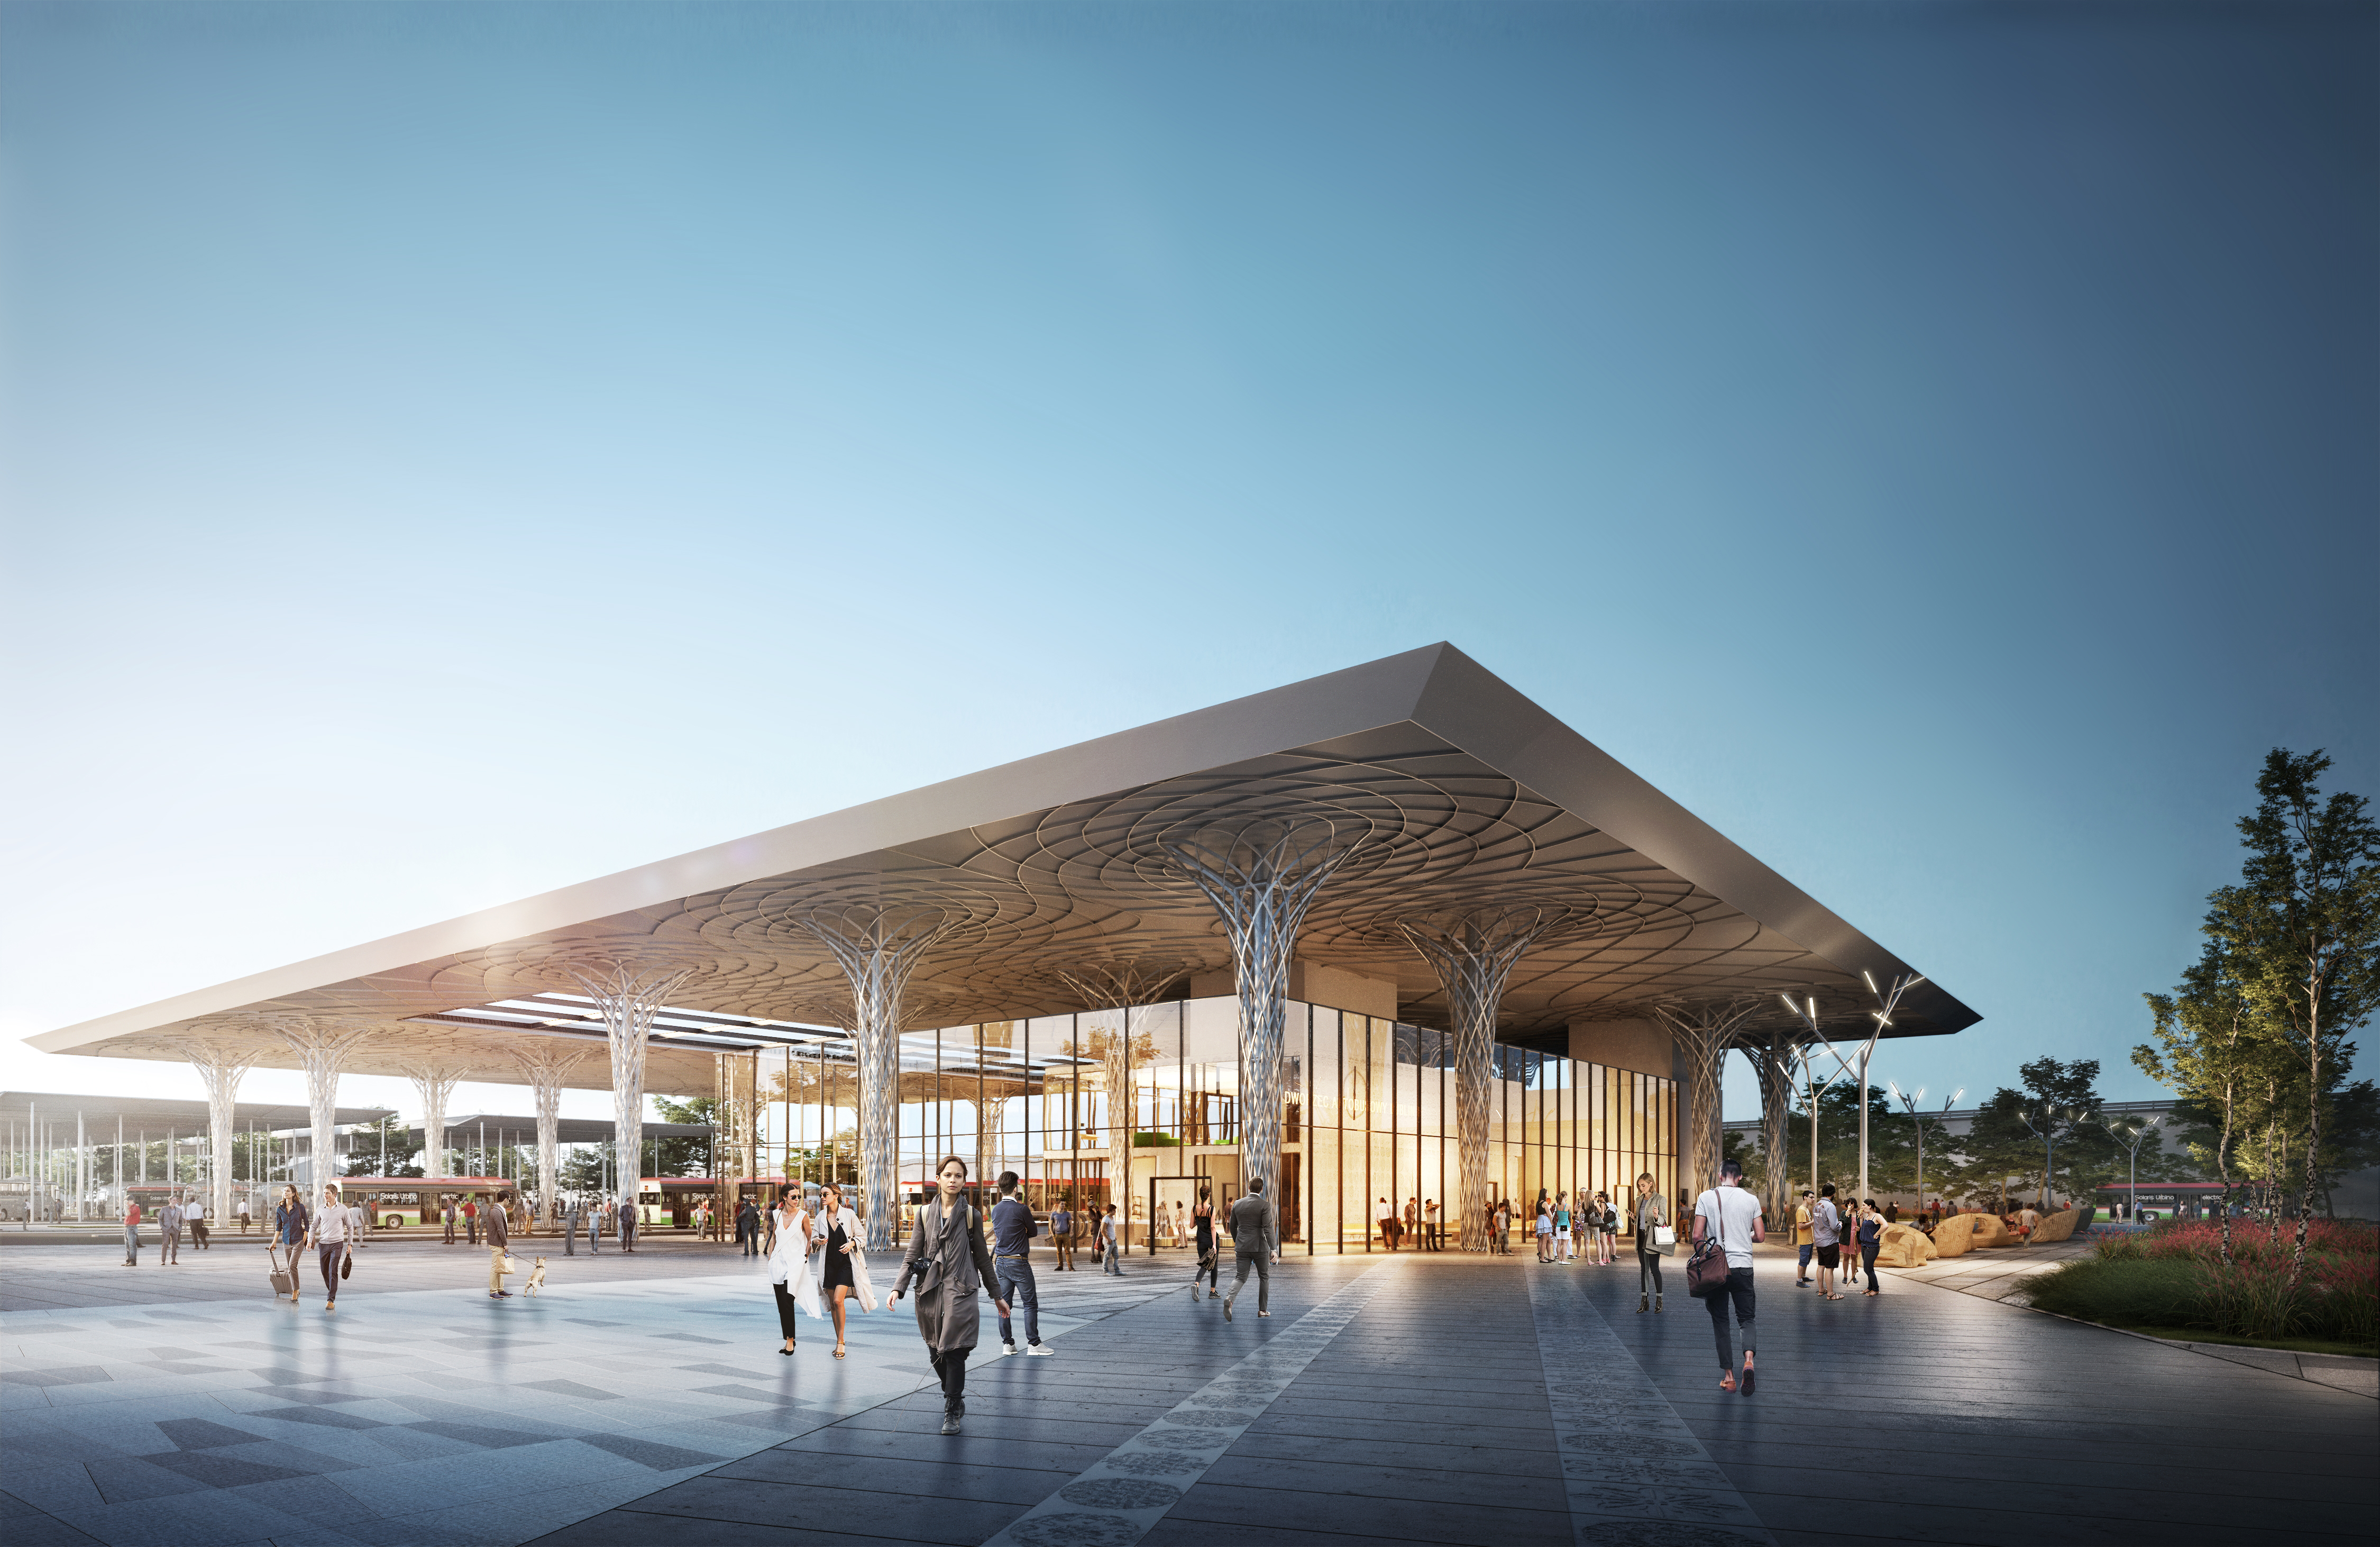 Znamy ostateczną koncepcję dworca metropolitarnego